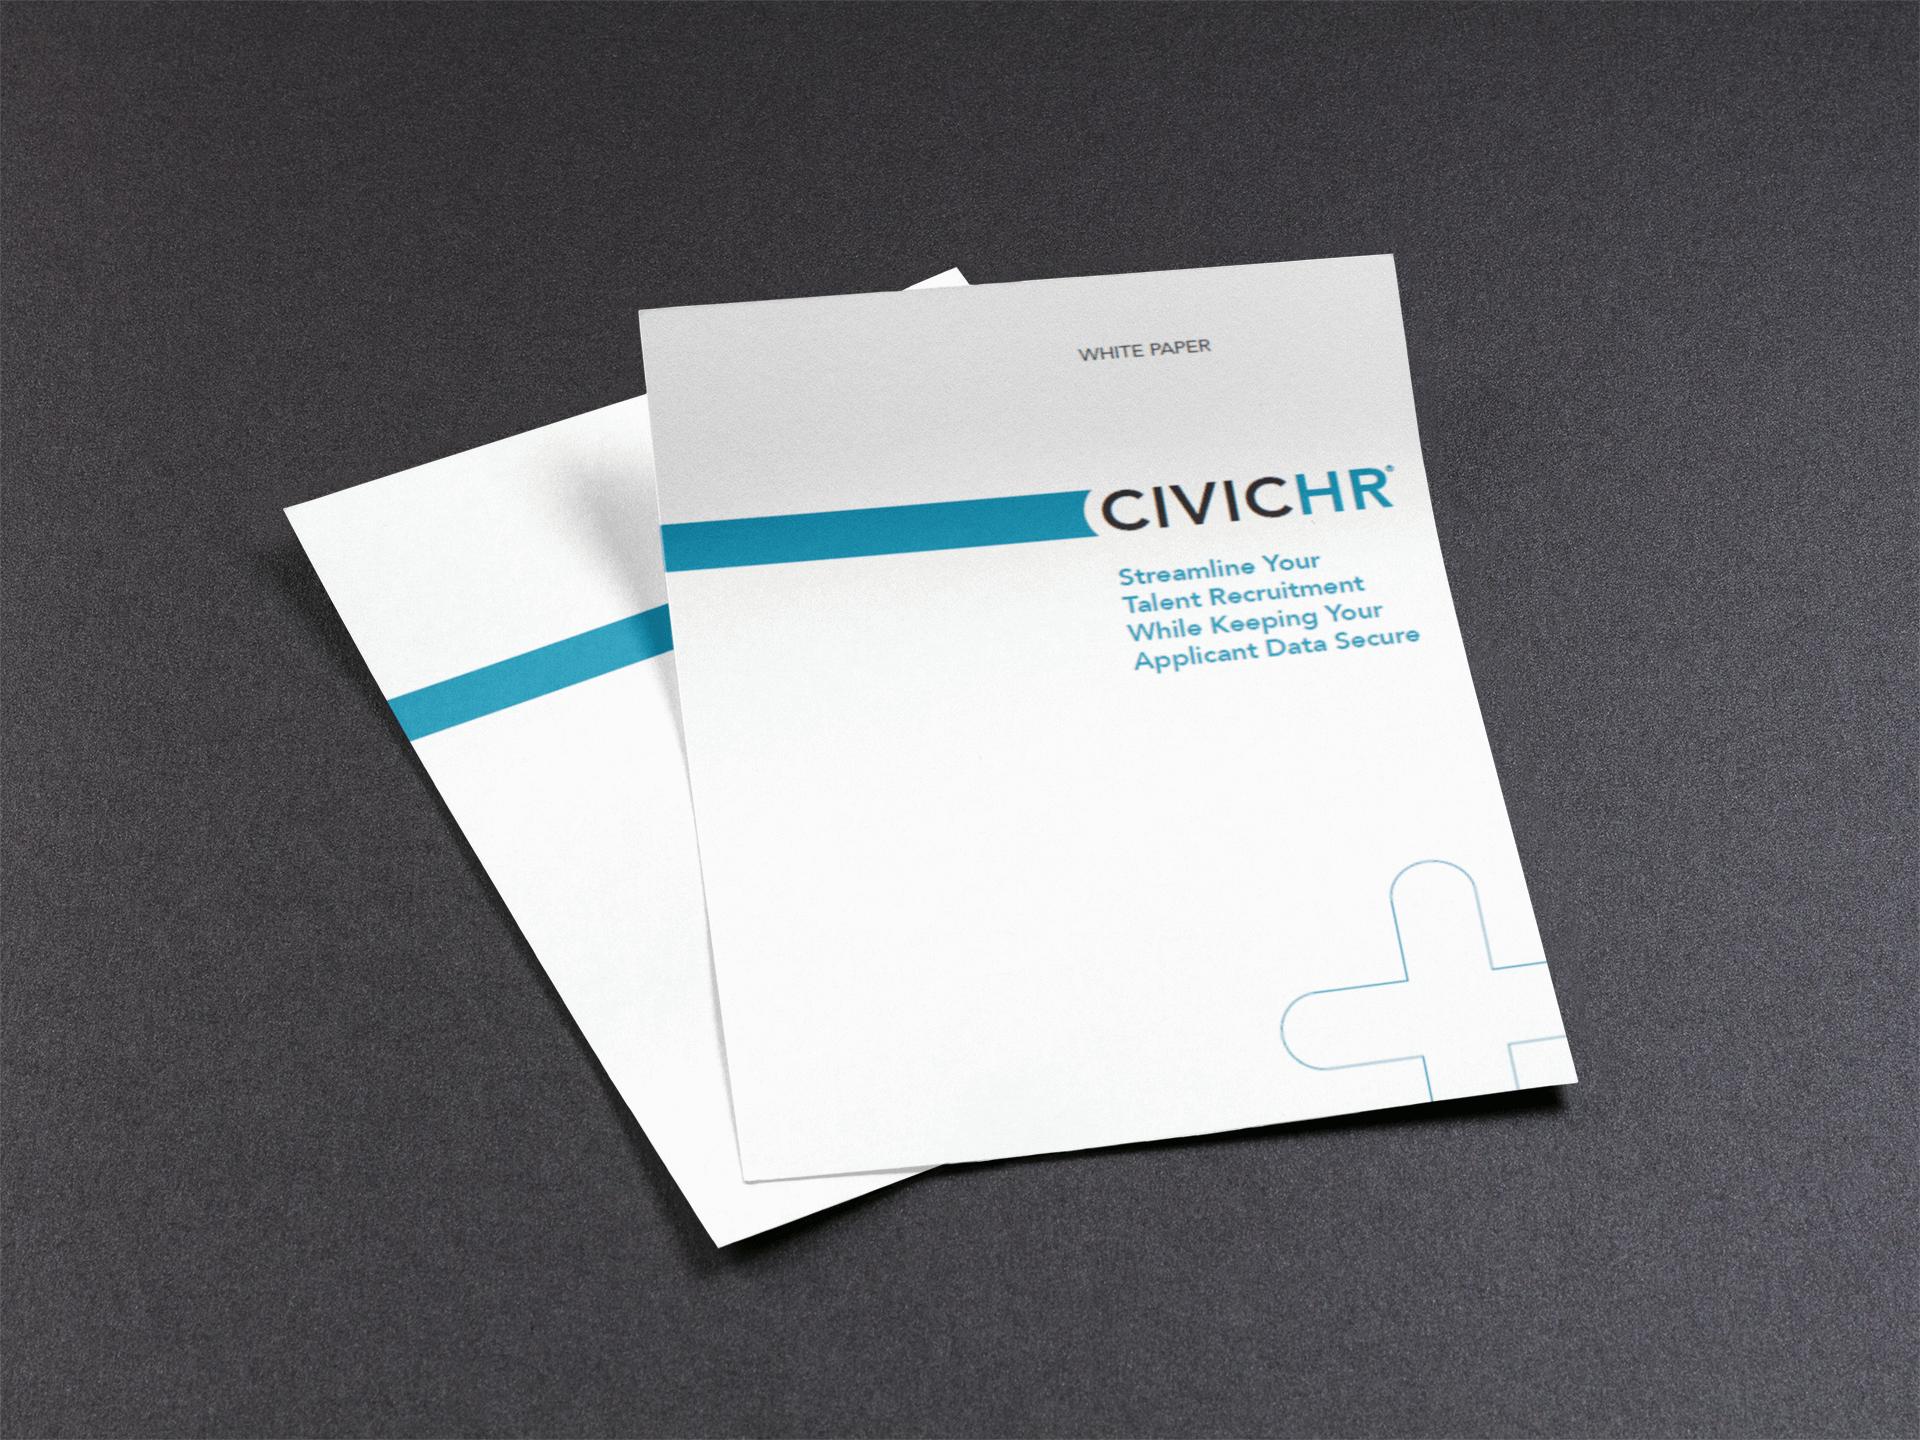 https://cdn2.hubspot.net/hubfs/158743/CivicHR_White_Paper_Streamline_Talent_Recruitment_Secure_Data.png